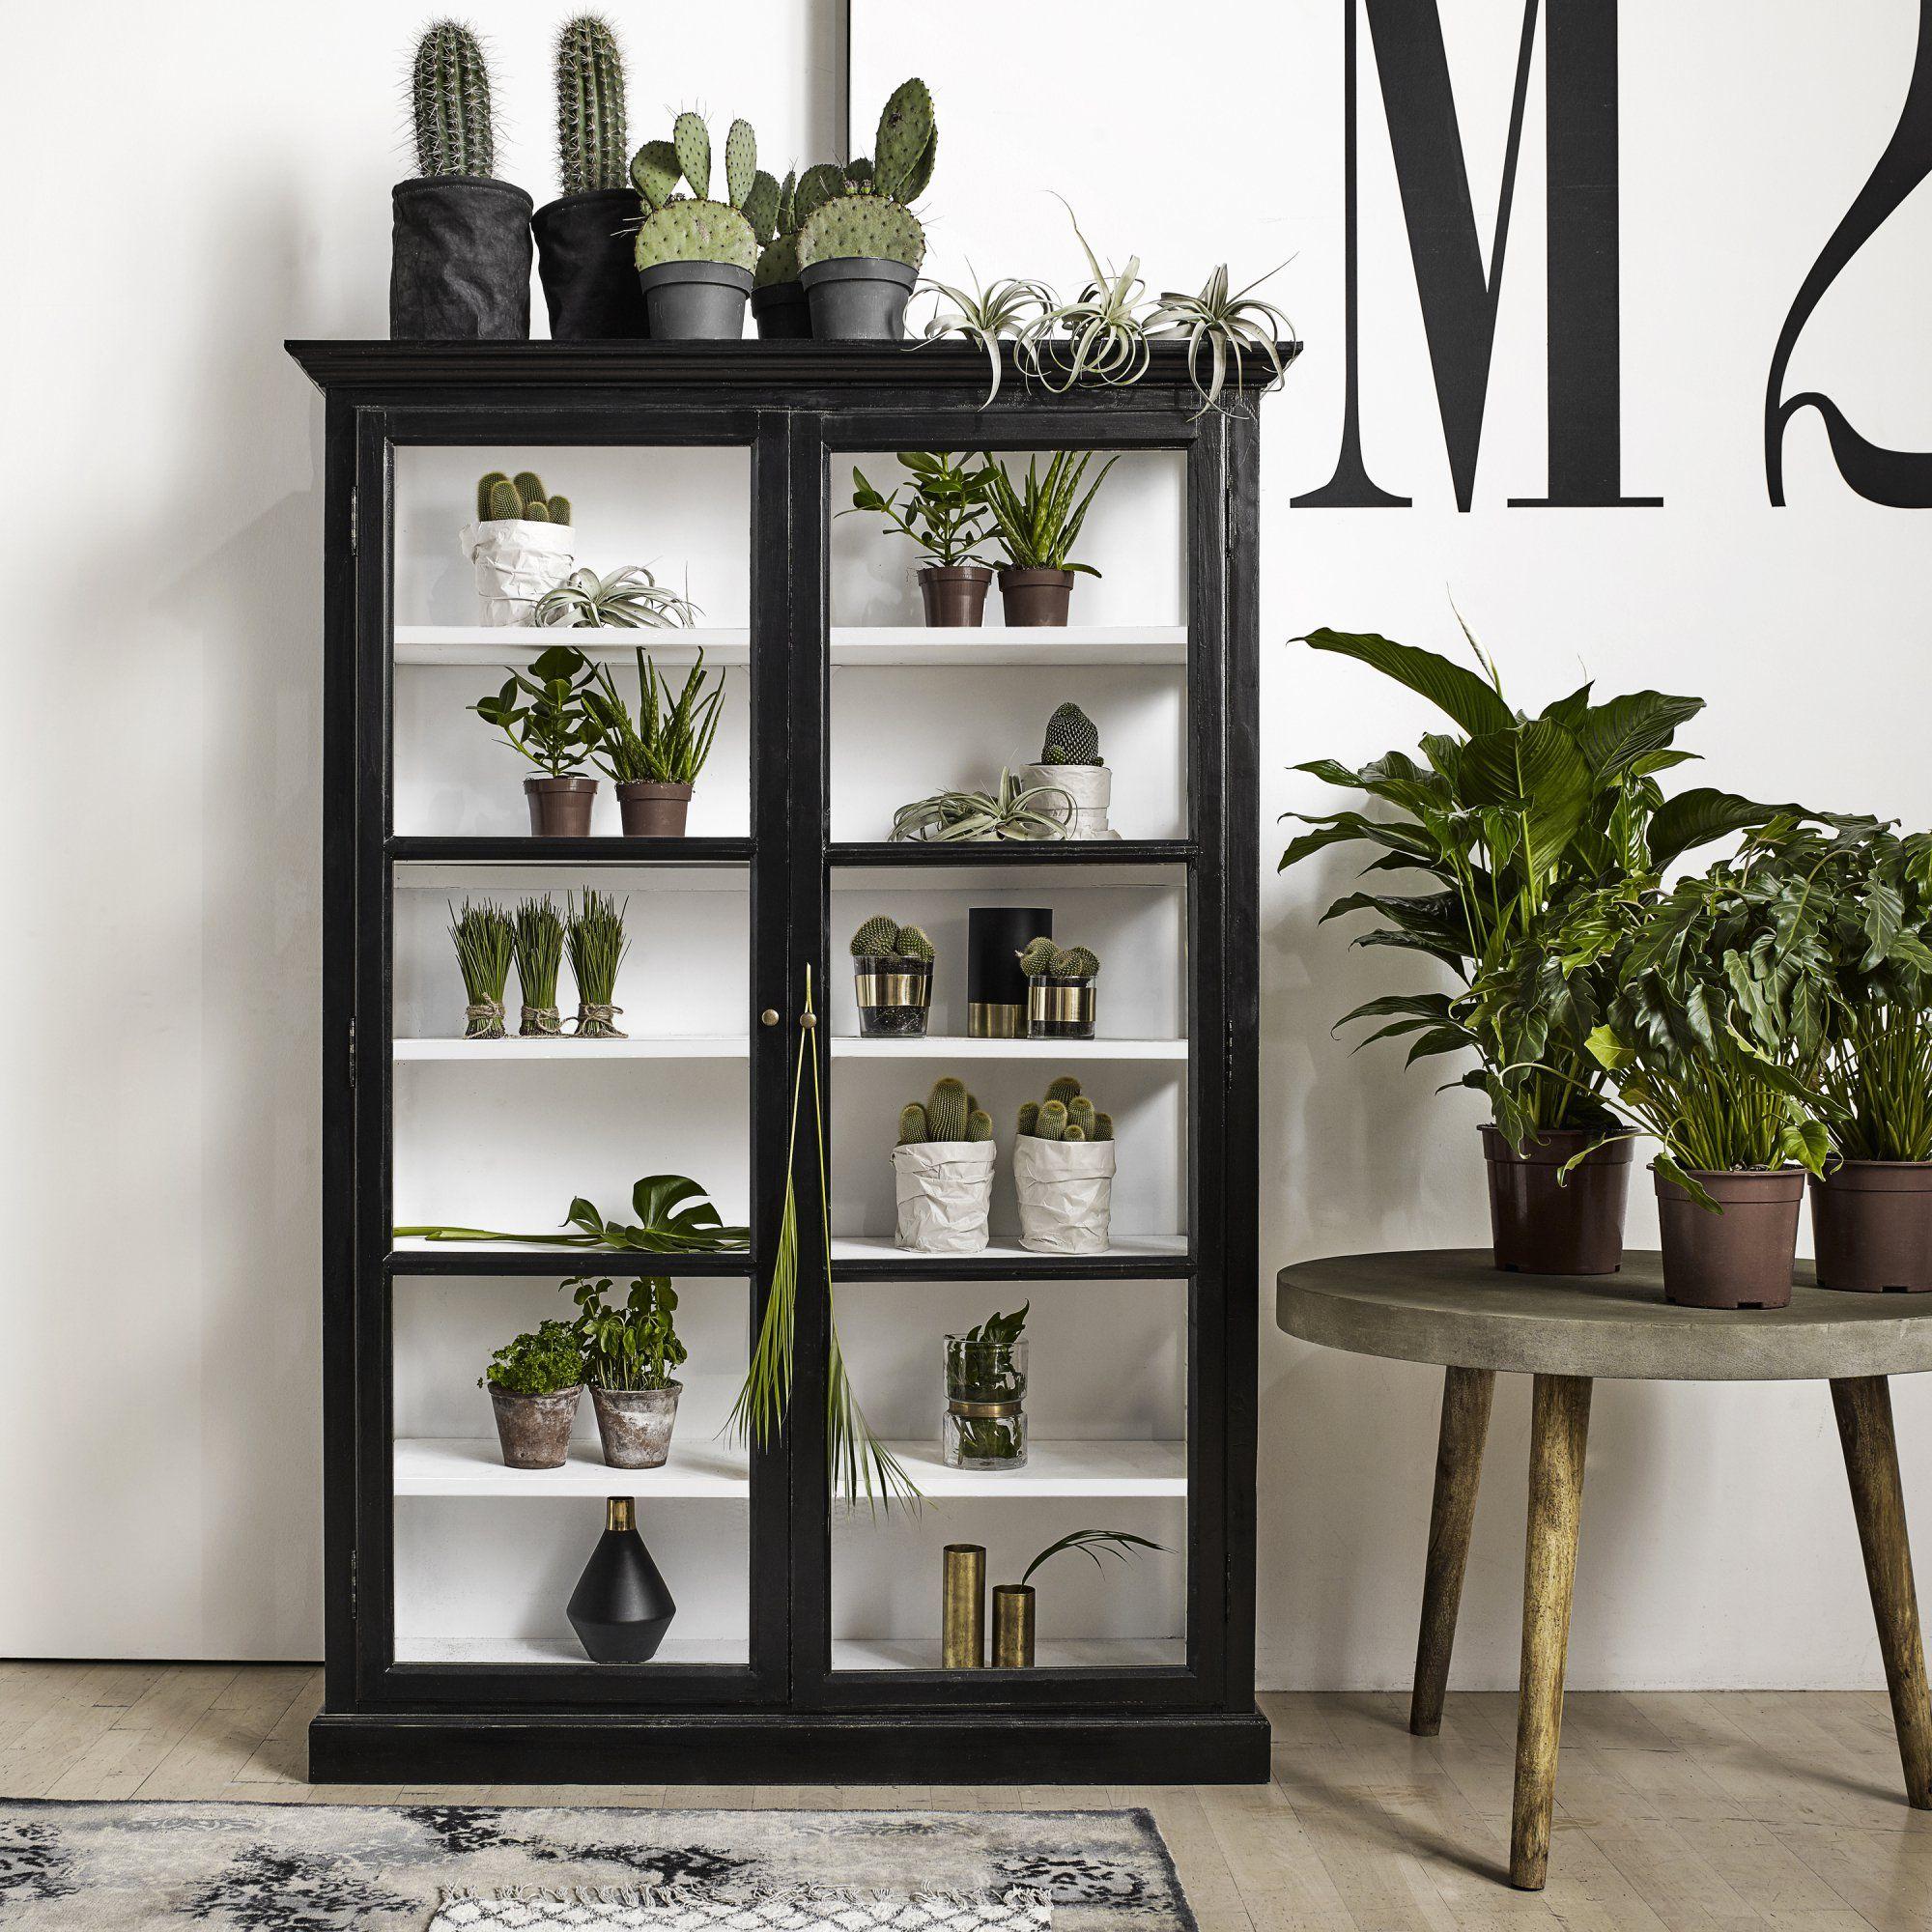 meuble vitrine en bois noir et porte vitr e pour exposer ses plantes dans le salon. Black Bedroom Furniture Sets. Home Design Ideas